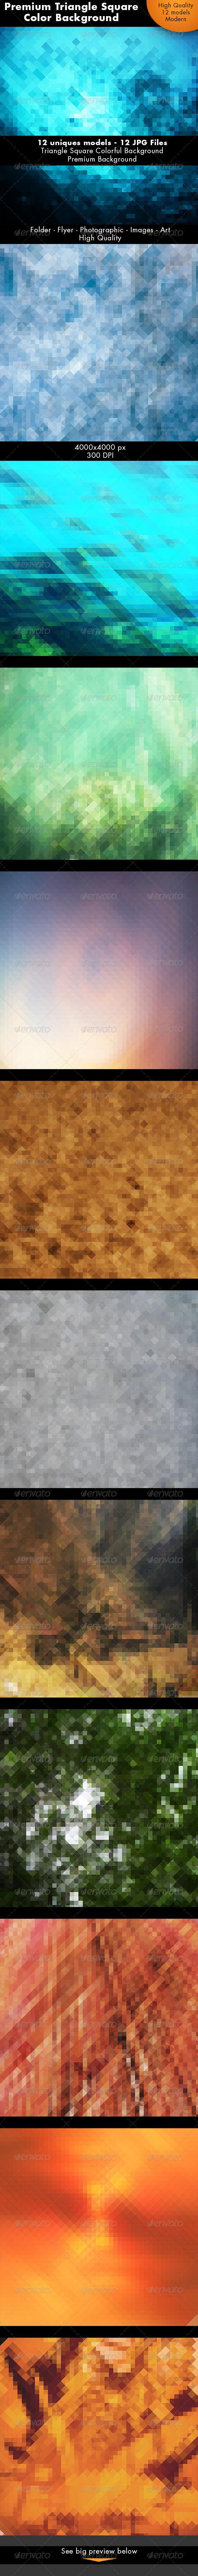 triangle-square